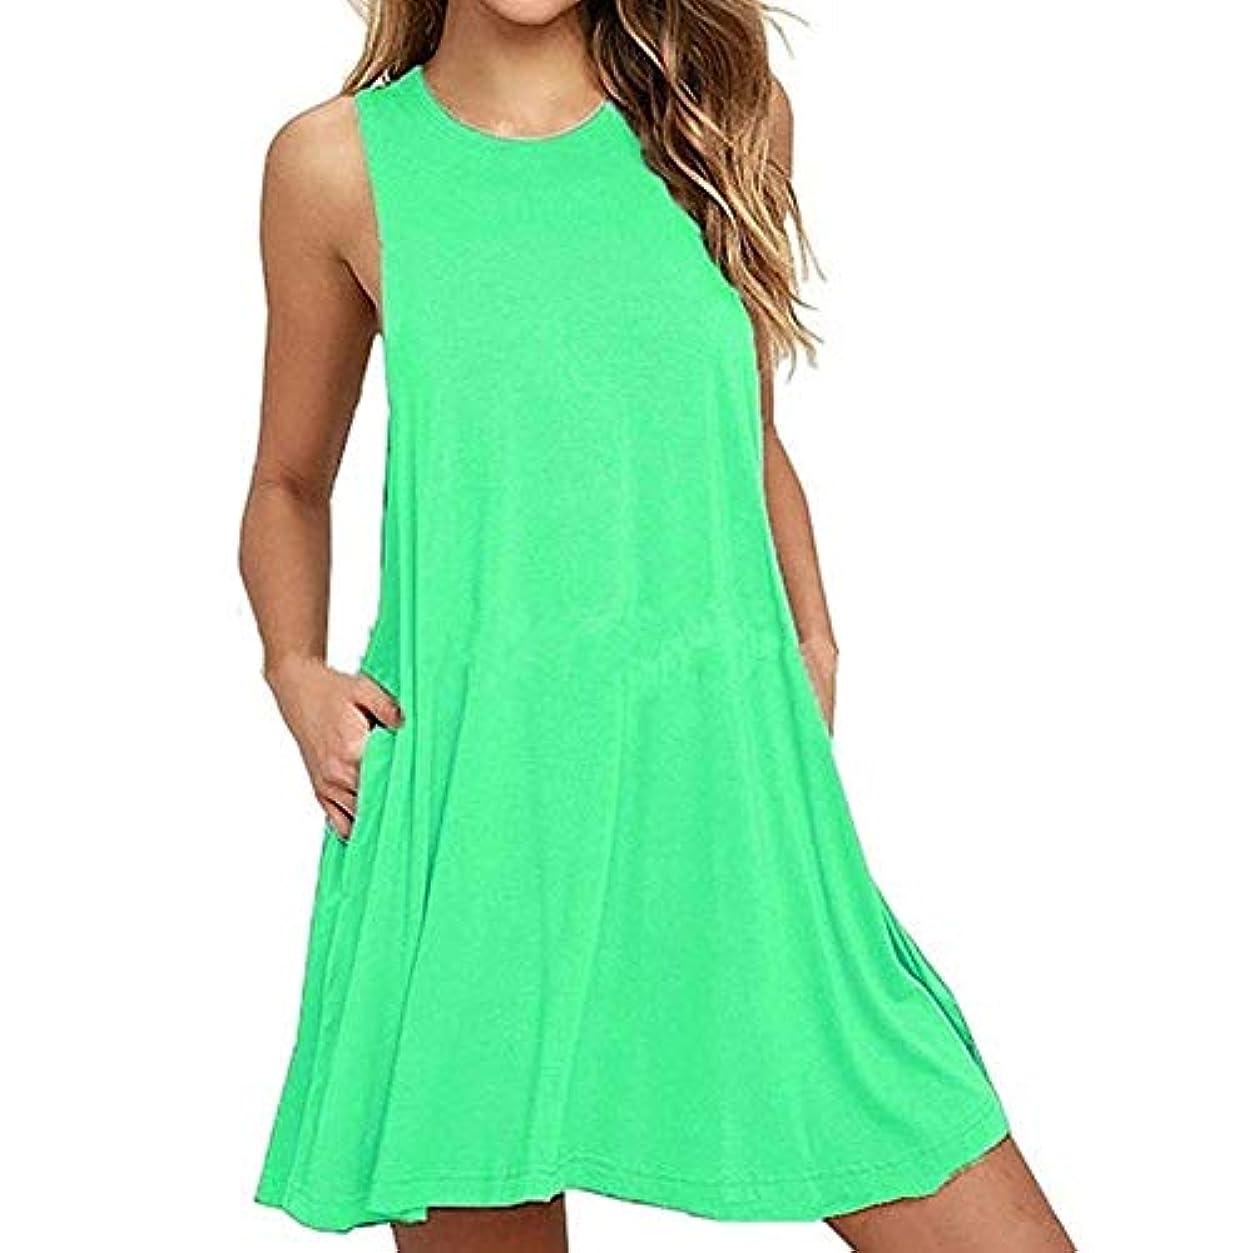 マイクロプロセッサ検出可能ラッドヤードキップリングMIFAN 人の女性のドレス、プラスサイズのドレス、ノースリーブのドレス、ミニドレス、ホルタードレス、コットンドレス